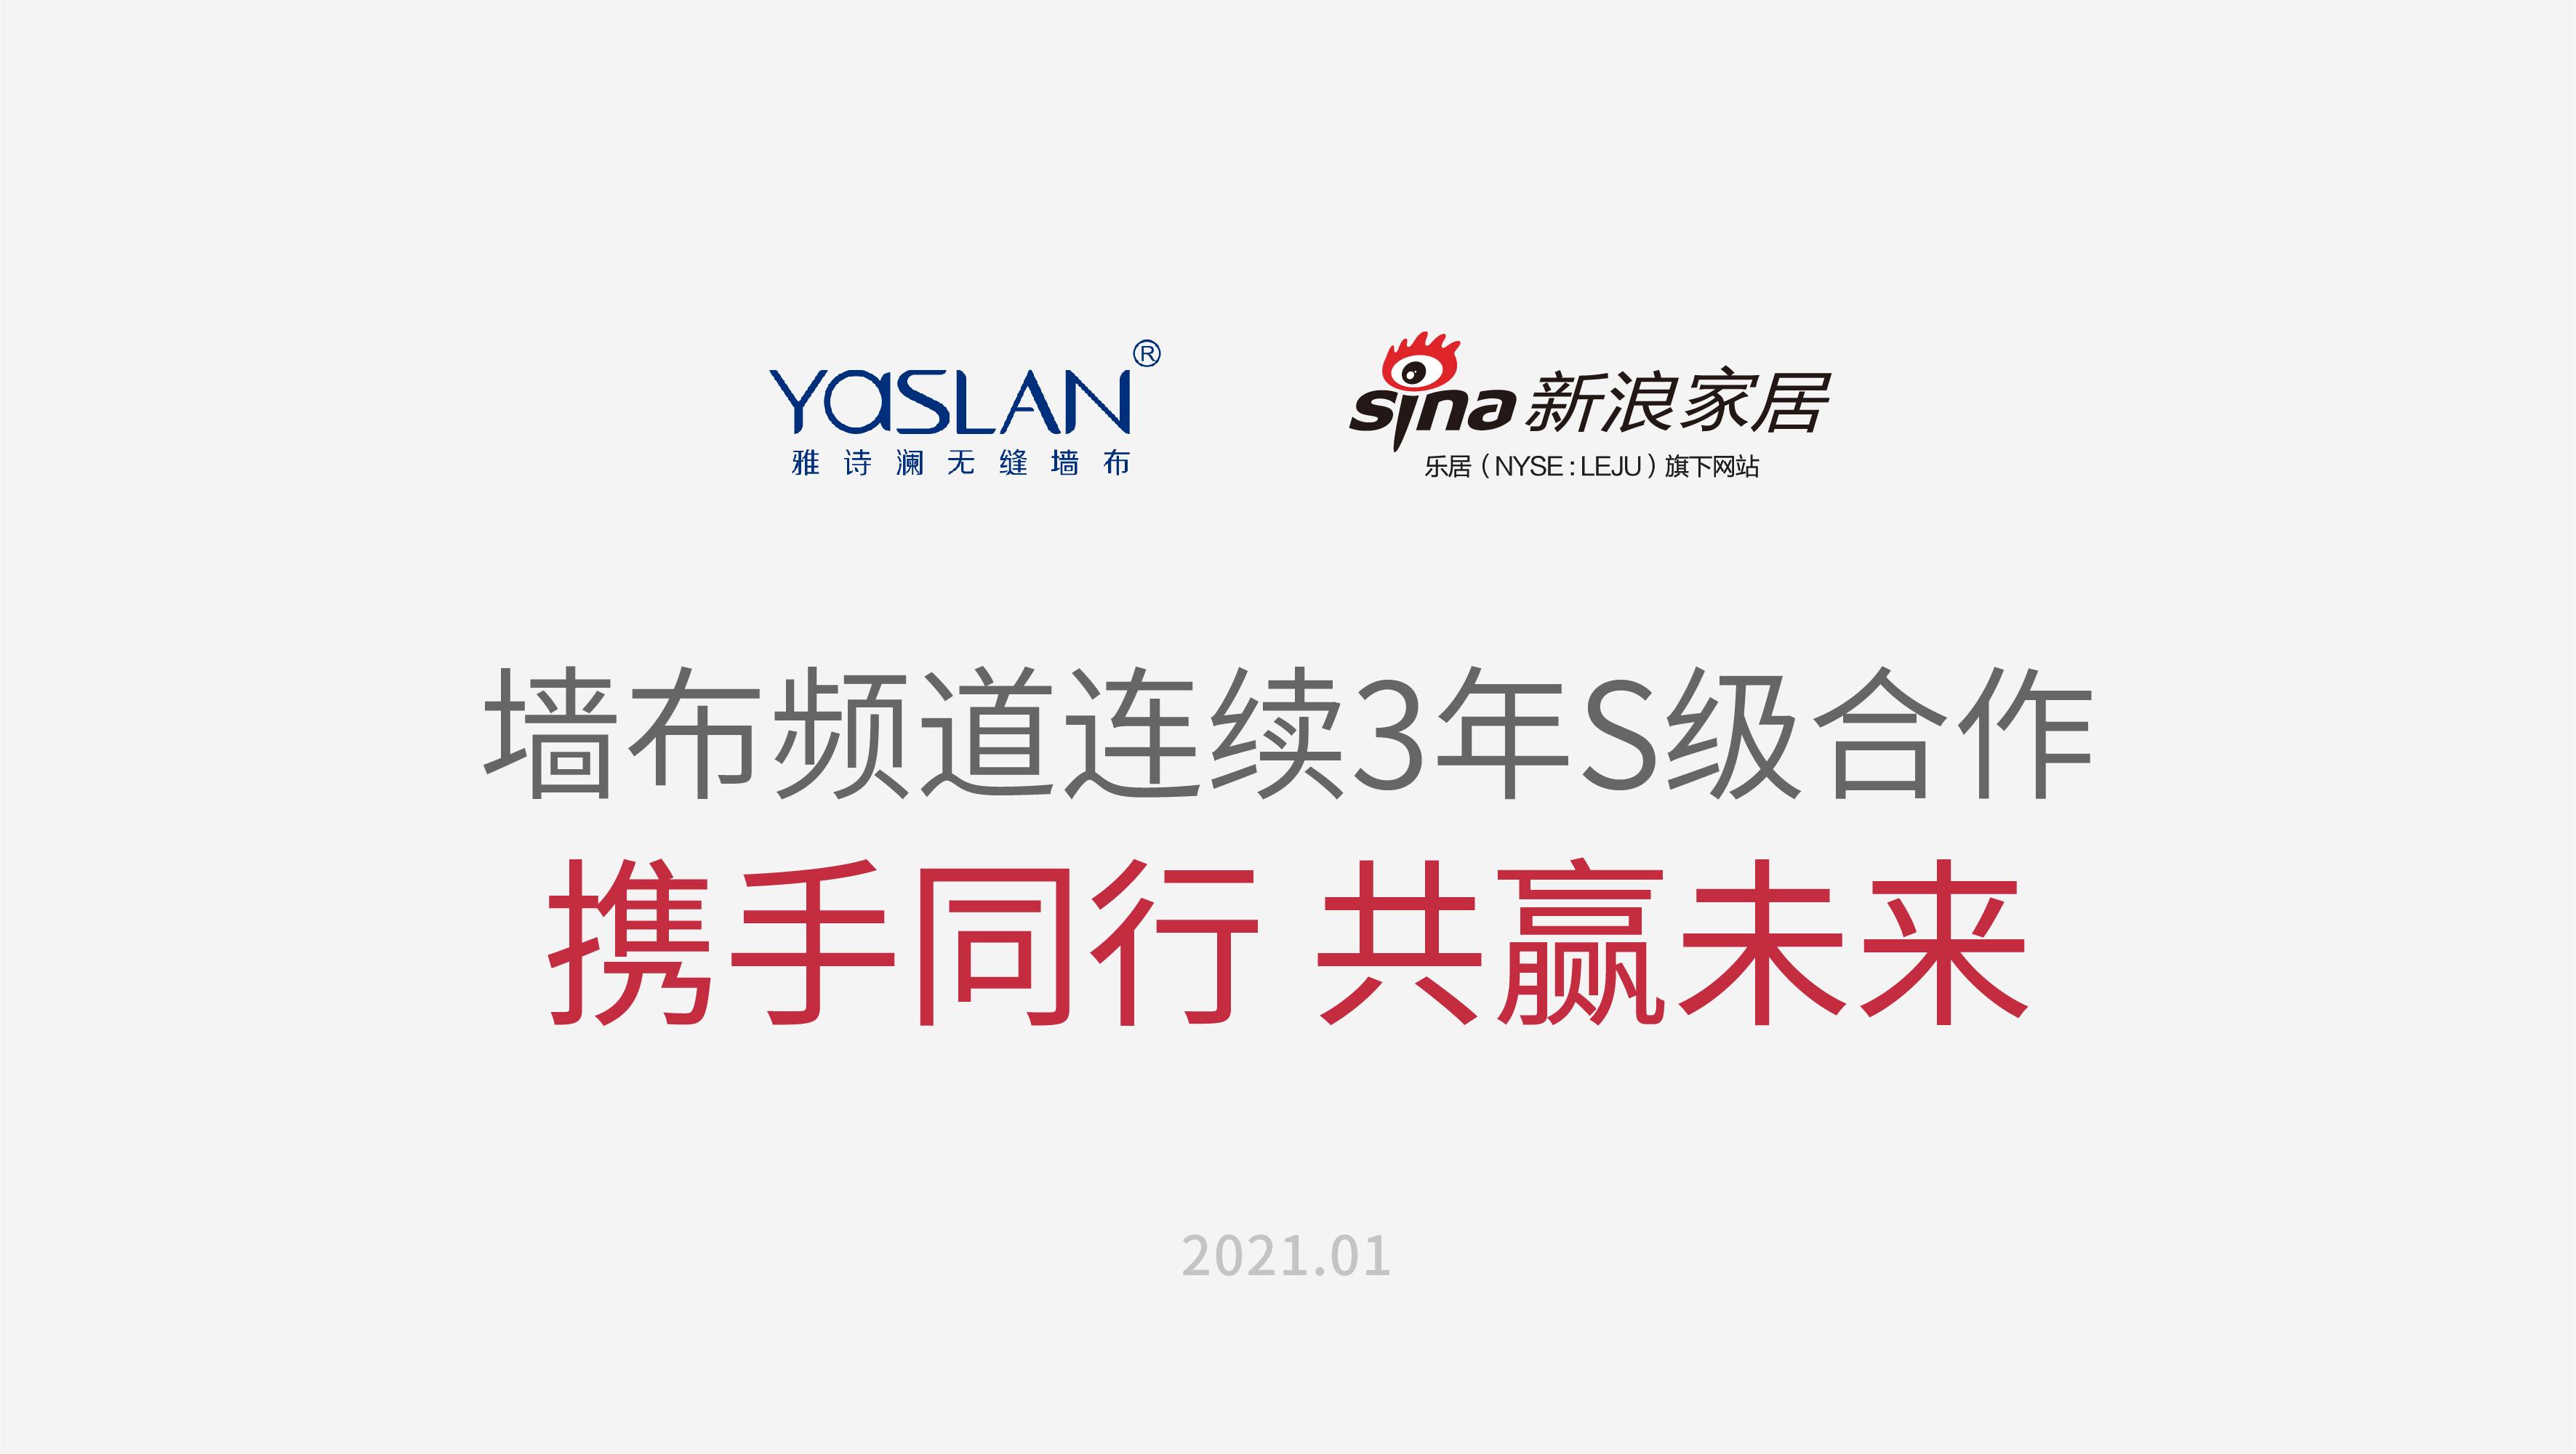 雅诗澜与新浪家居墙布频道达成2021年度S级合作